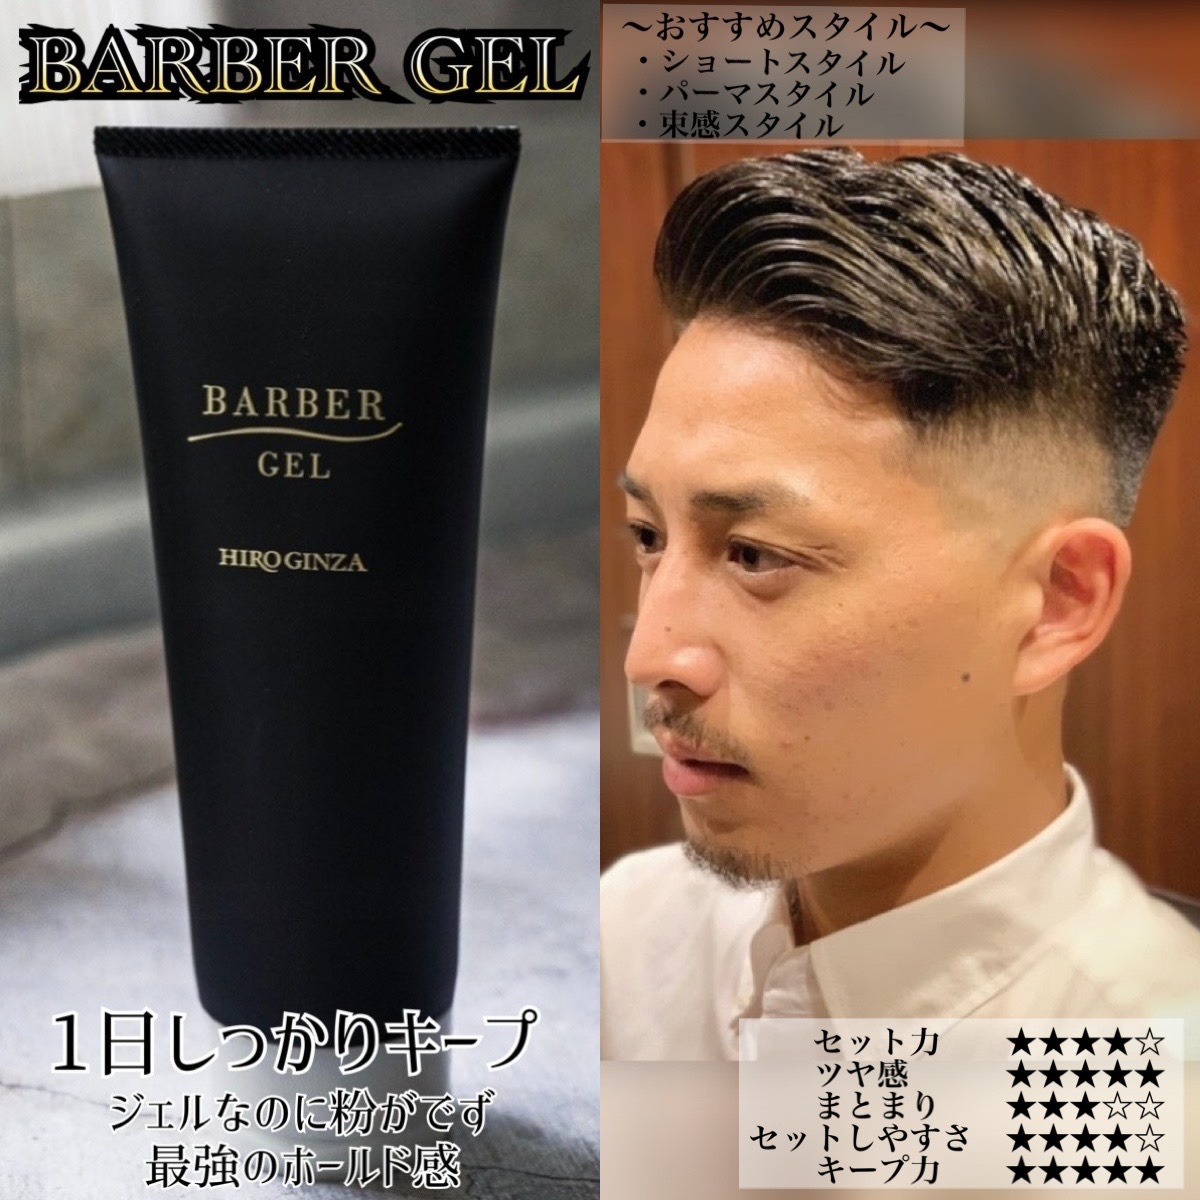 【プレミアムジェル】バーバージェル 200g